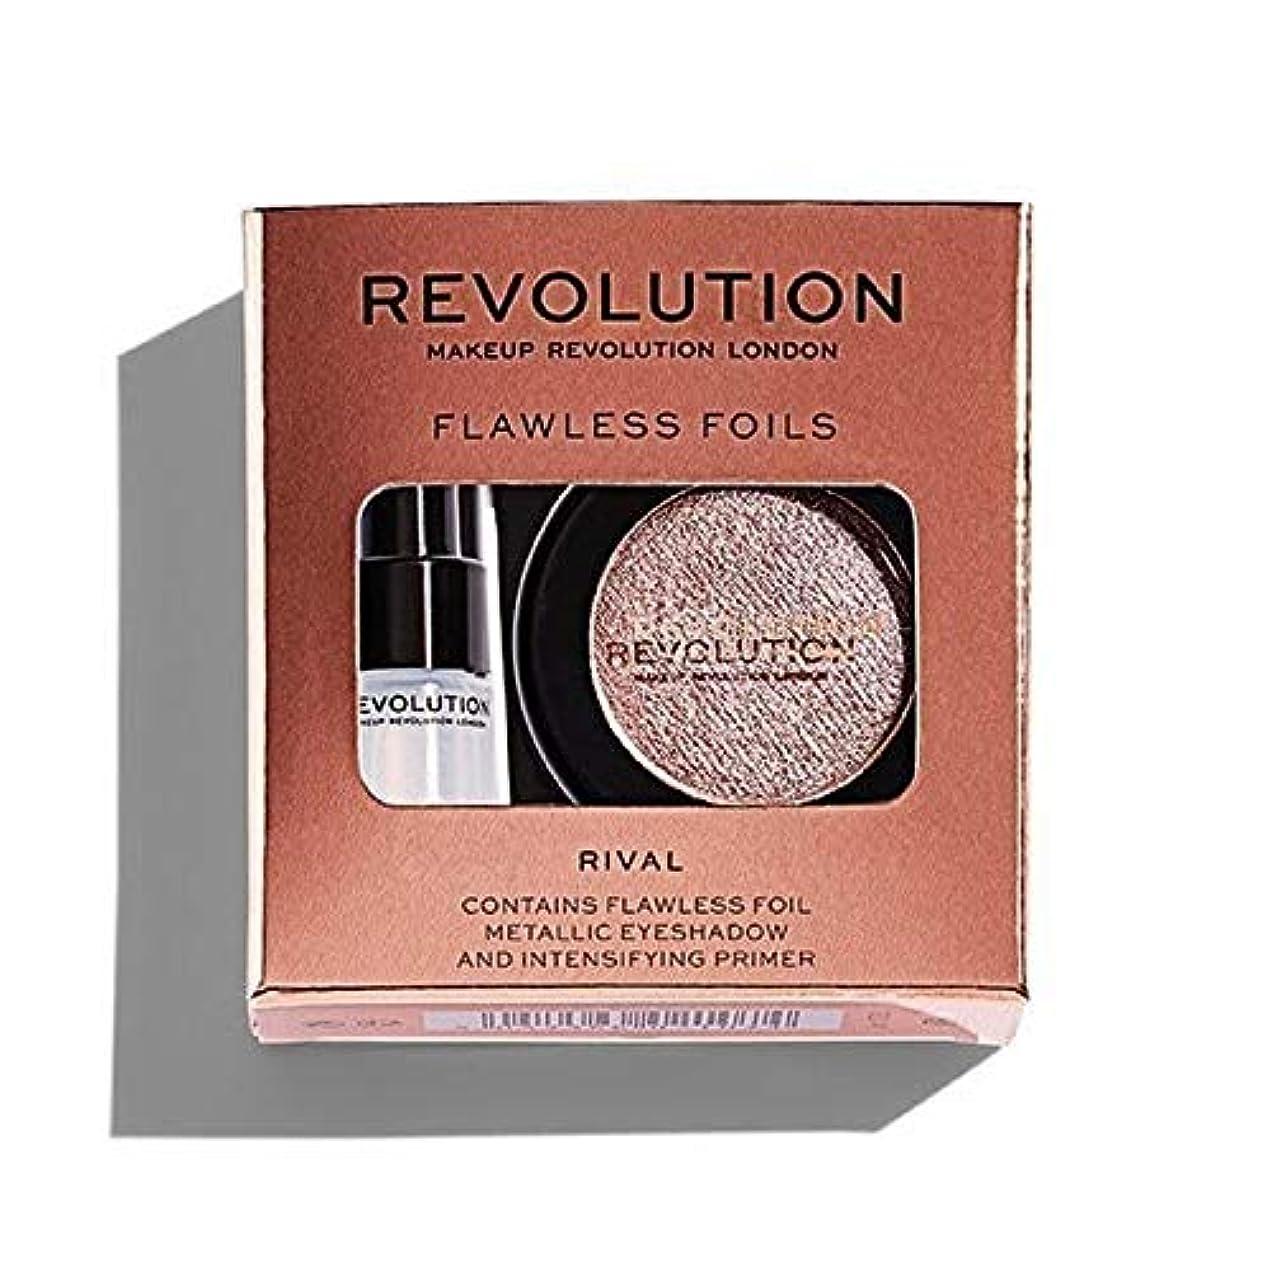 ブランク泣く卑しい[Revolution ] ライバル革命完璧な箔 - Revolution Flawless Foils Rival [並行輸入品]